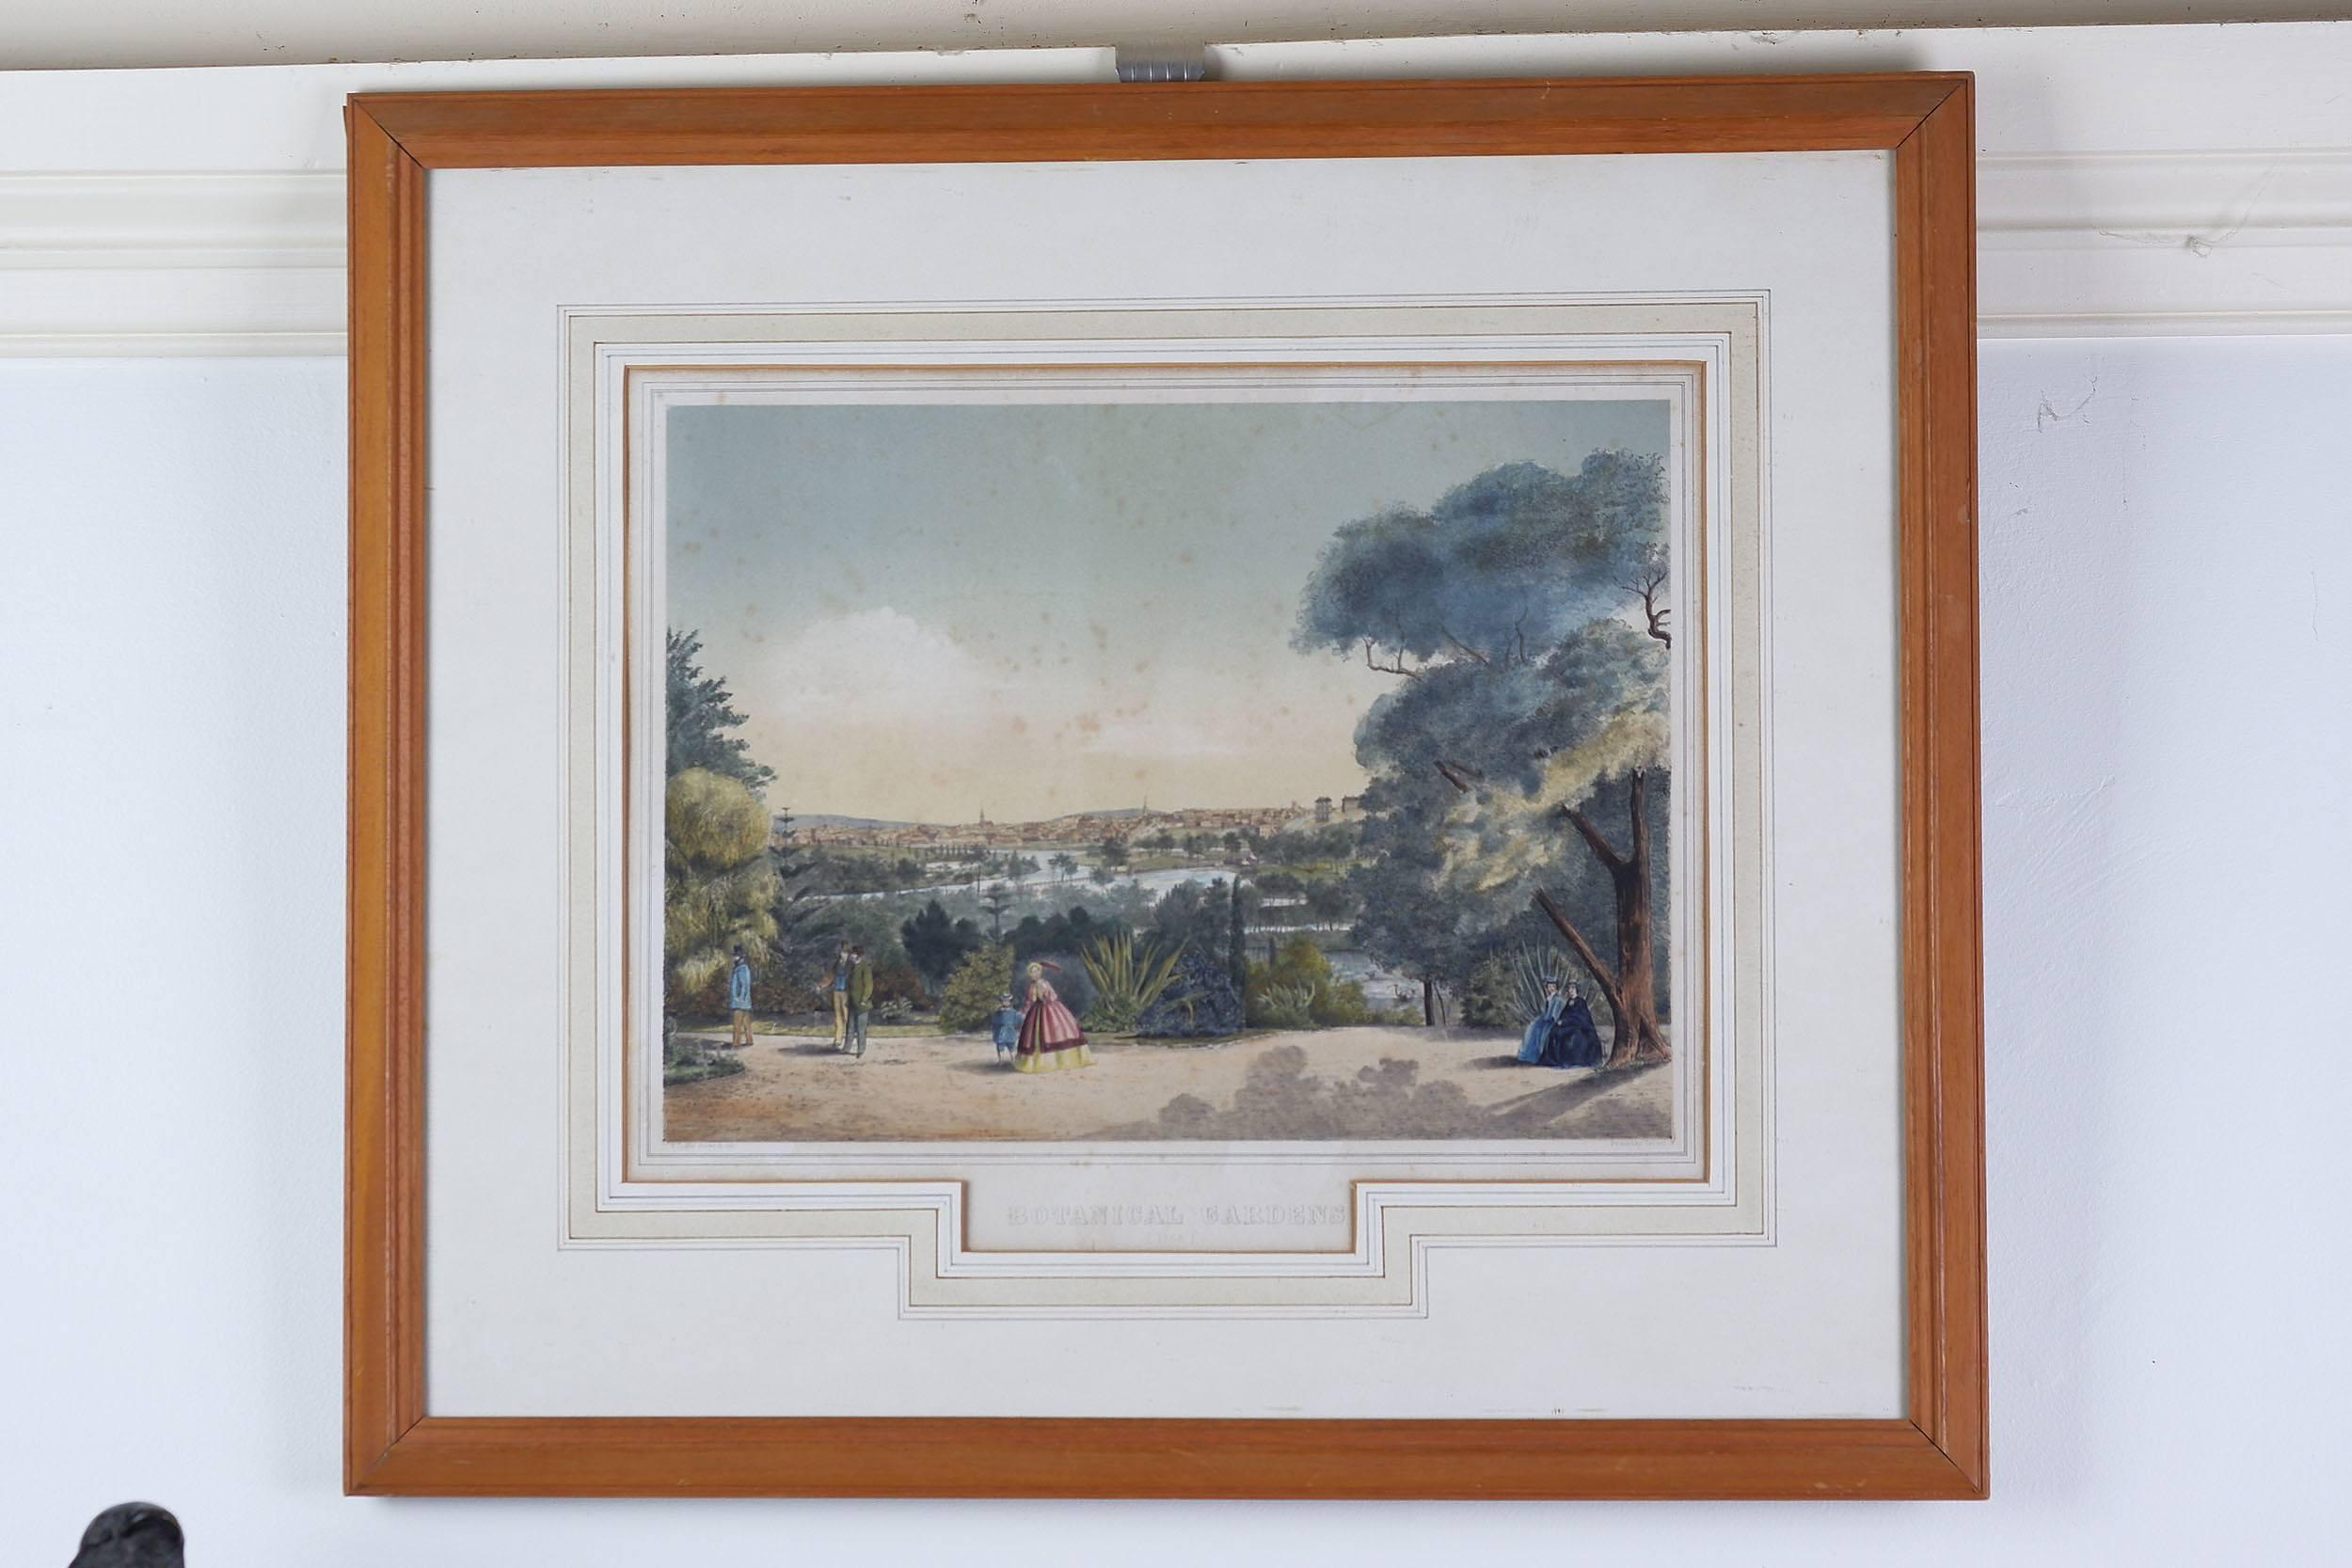 'After Francois Cogne (182901883) Botanical Gardens 1863, Hand Coloured Engraving '